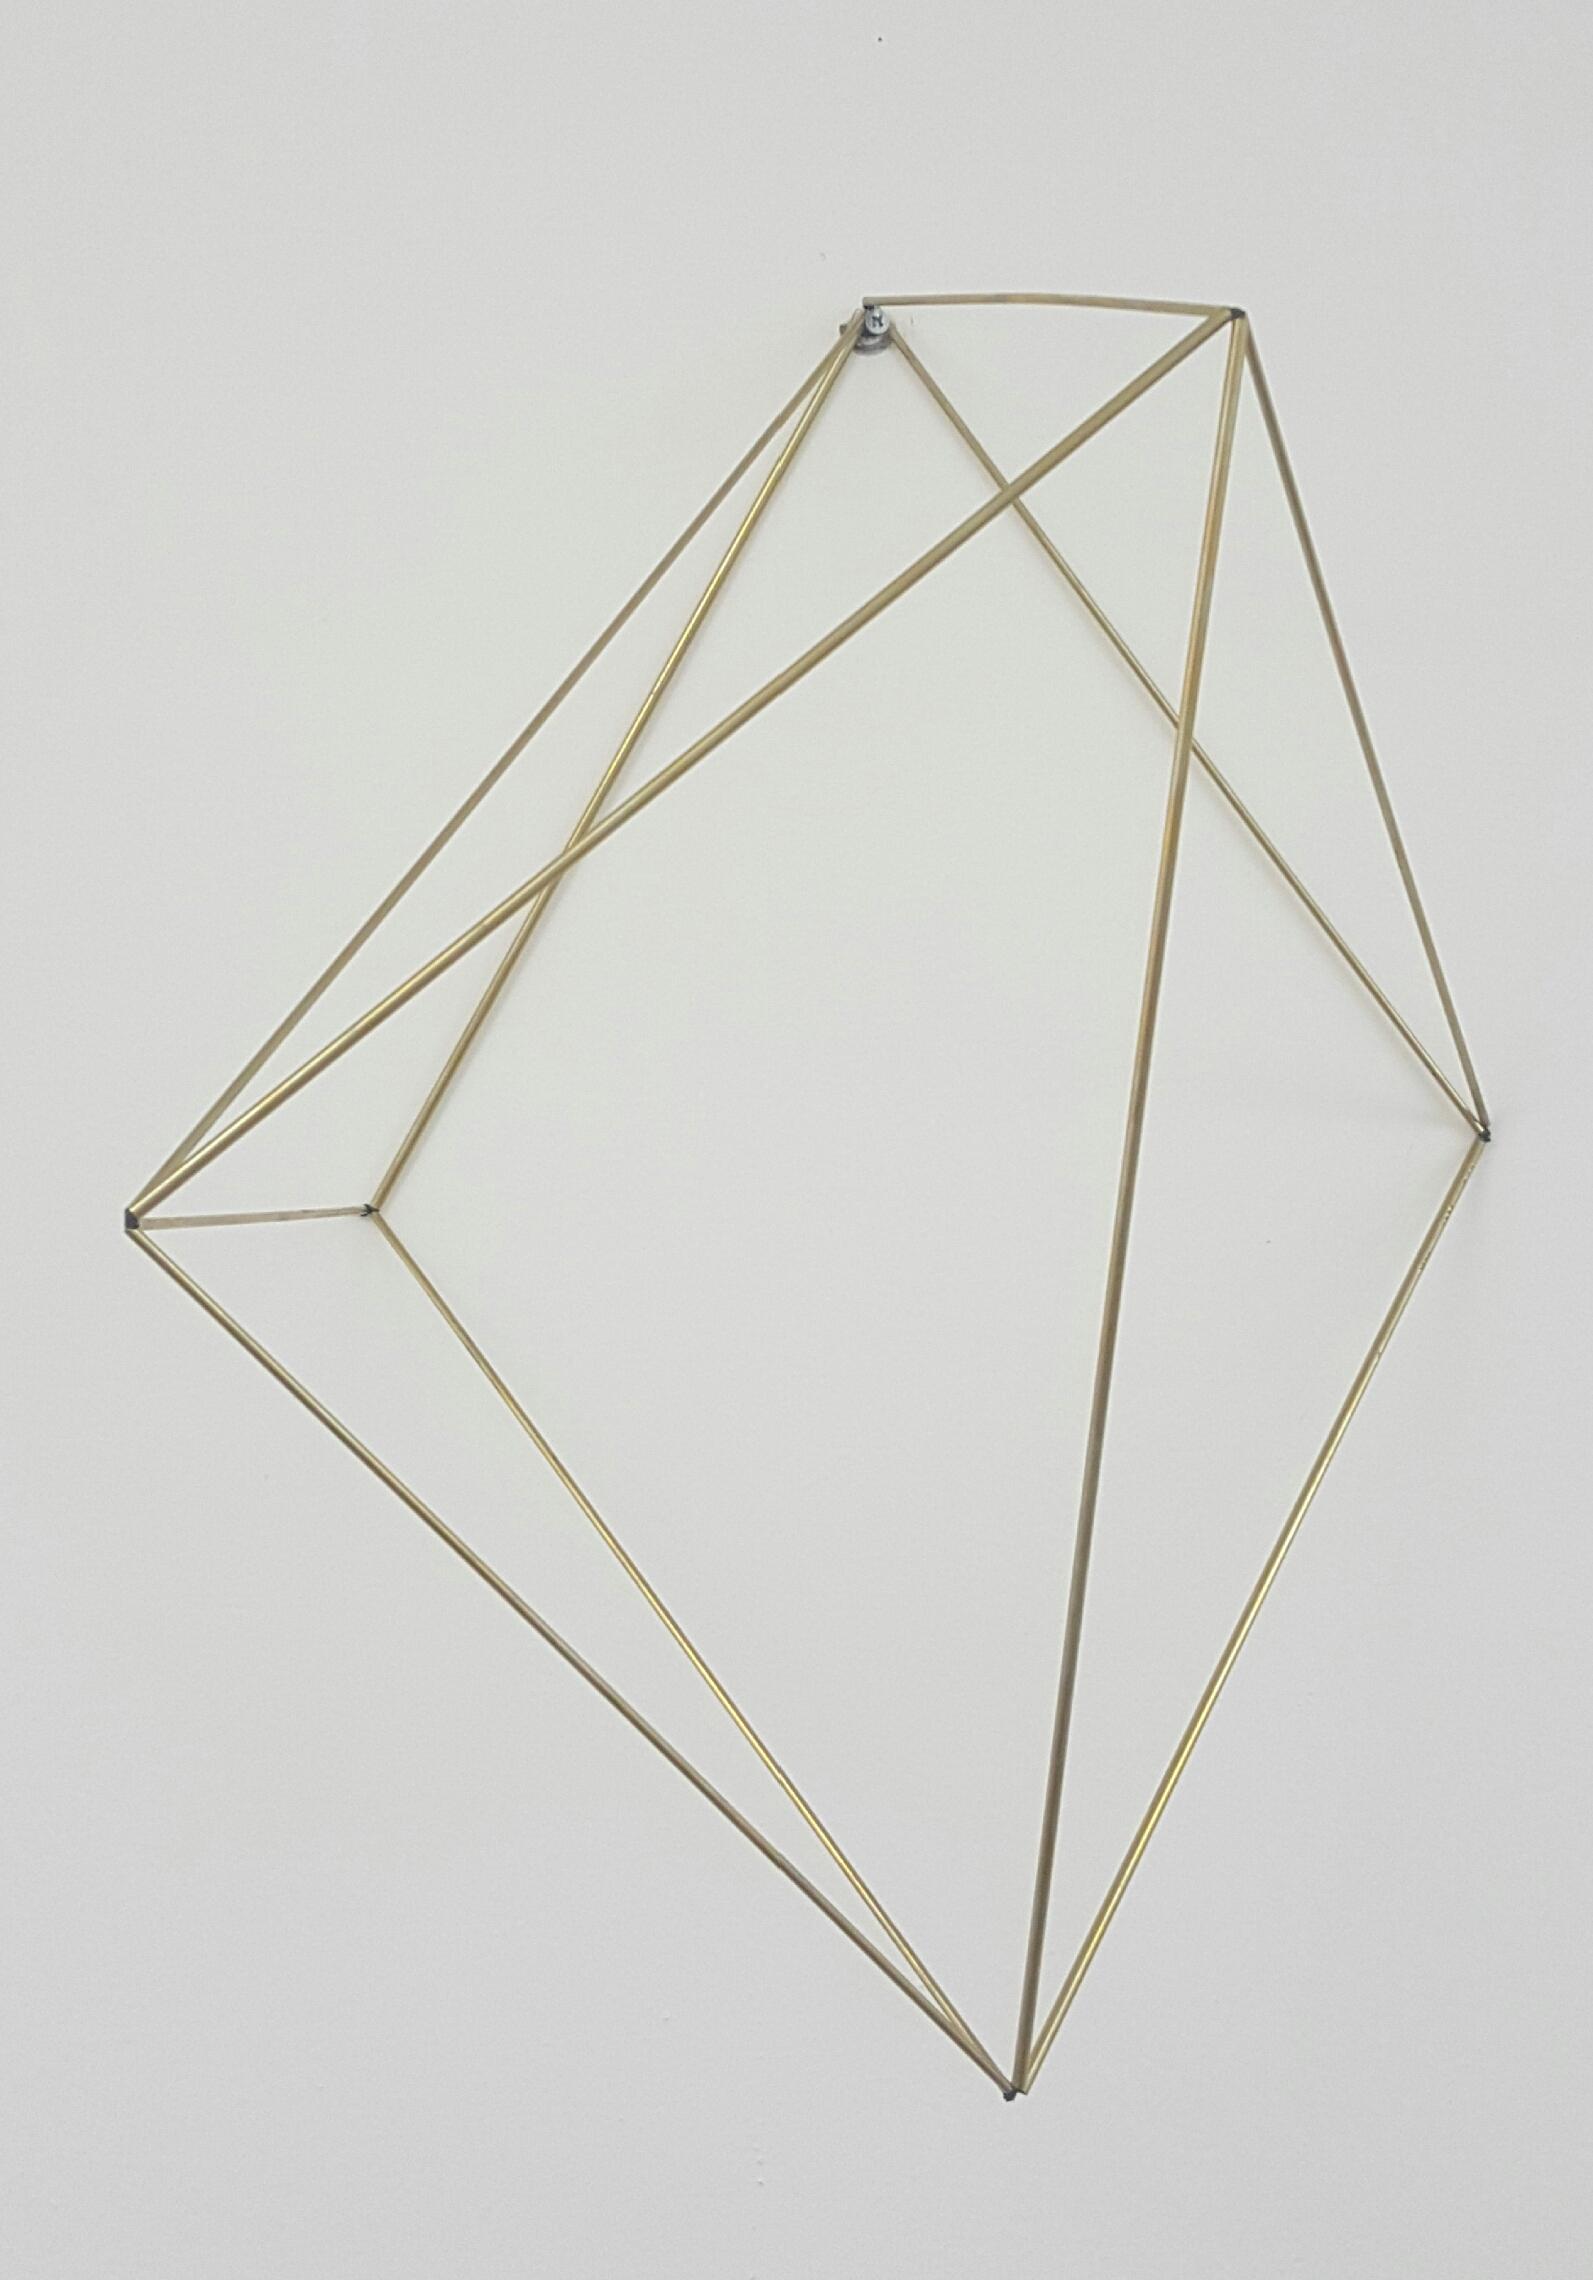 Júlio Villani, Quadrado mole, tubos de alumínio e de latão, fio encerado, dimensões e formas variáveis, base 50 x 50 cm, 2016